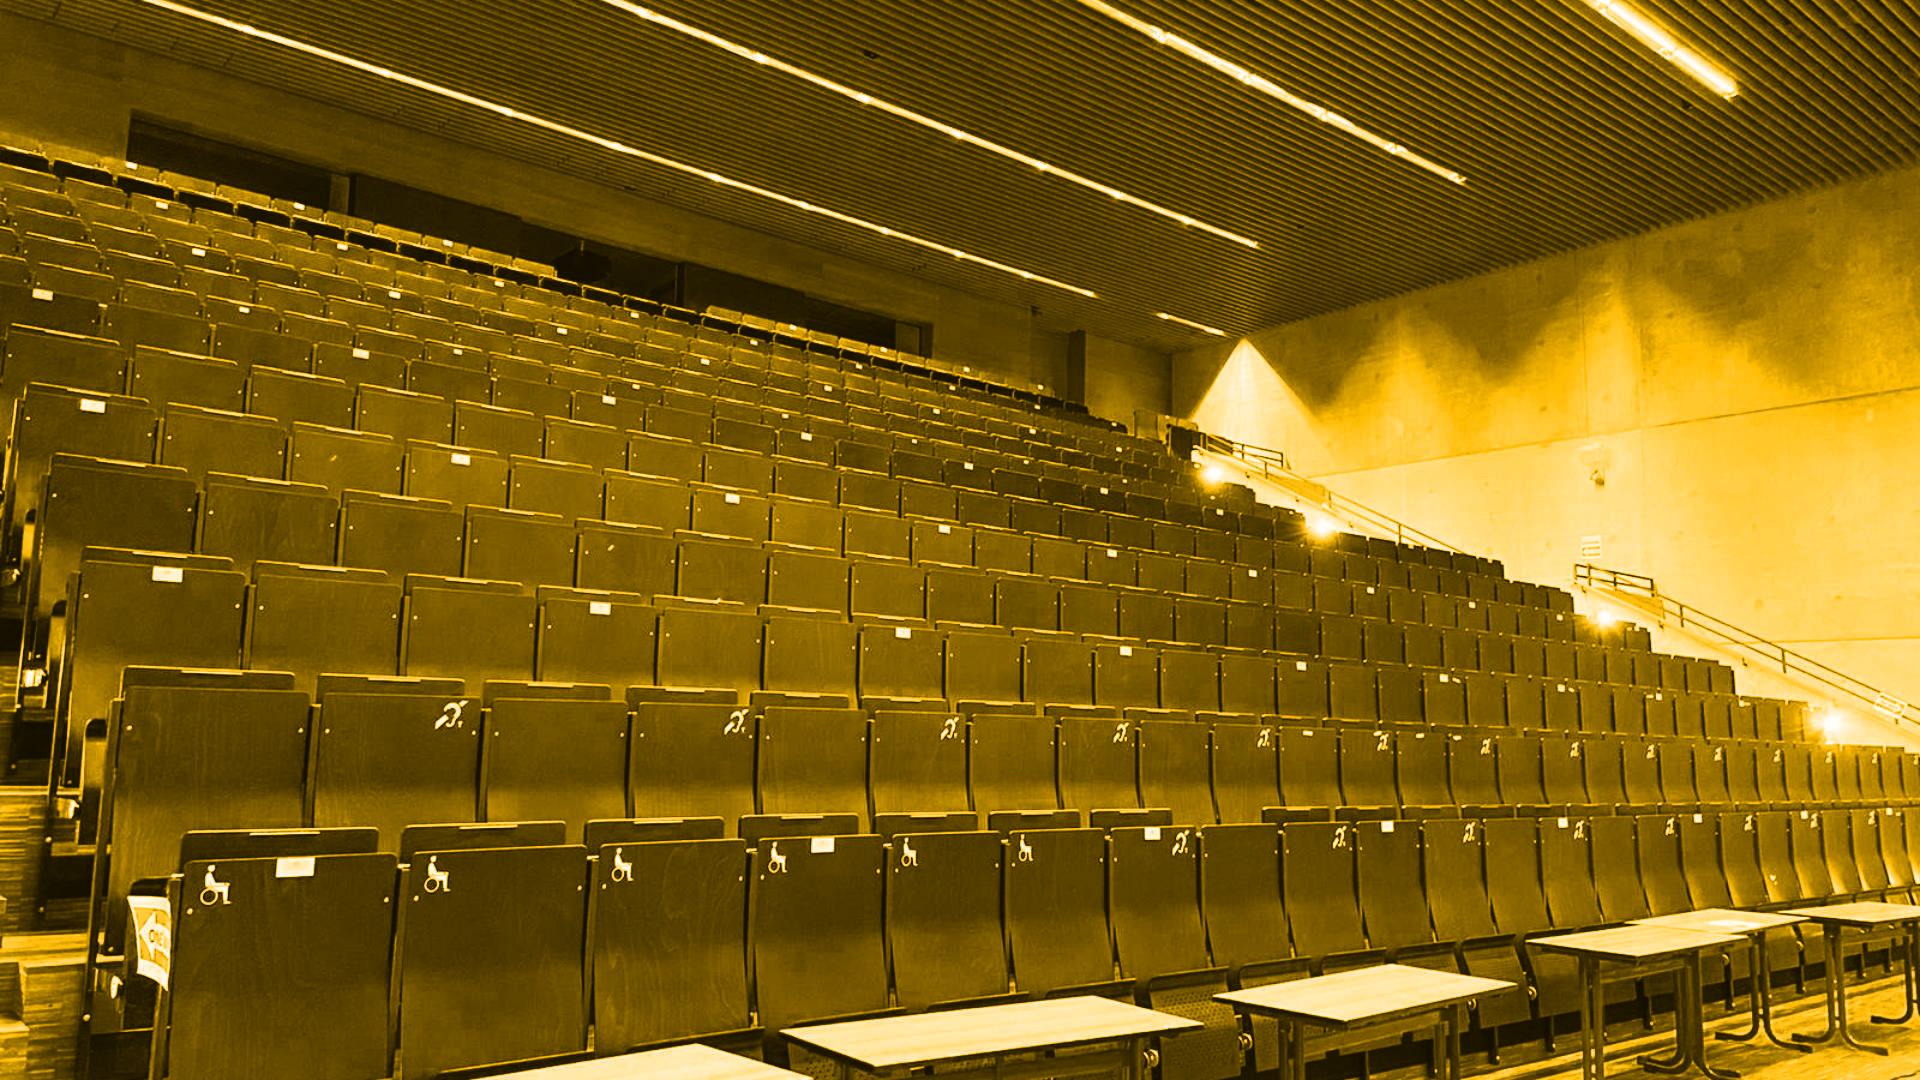 Eine ganze halbe Woche  –  Erstsemesterstudent*innen im Corona-Semester: Ein Erfahrungsbericht